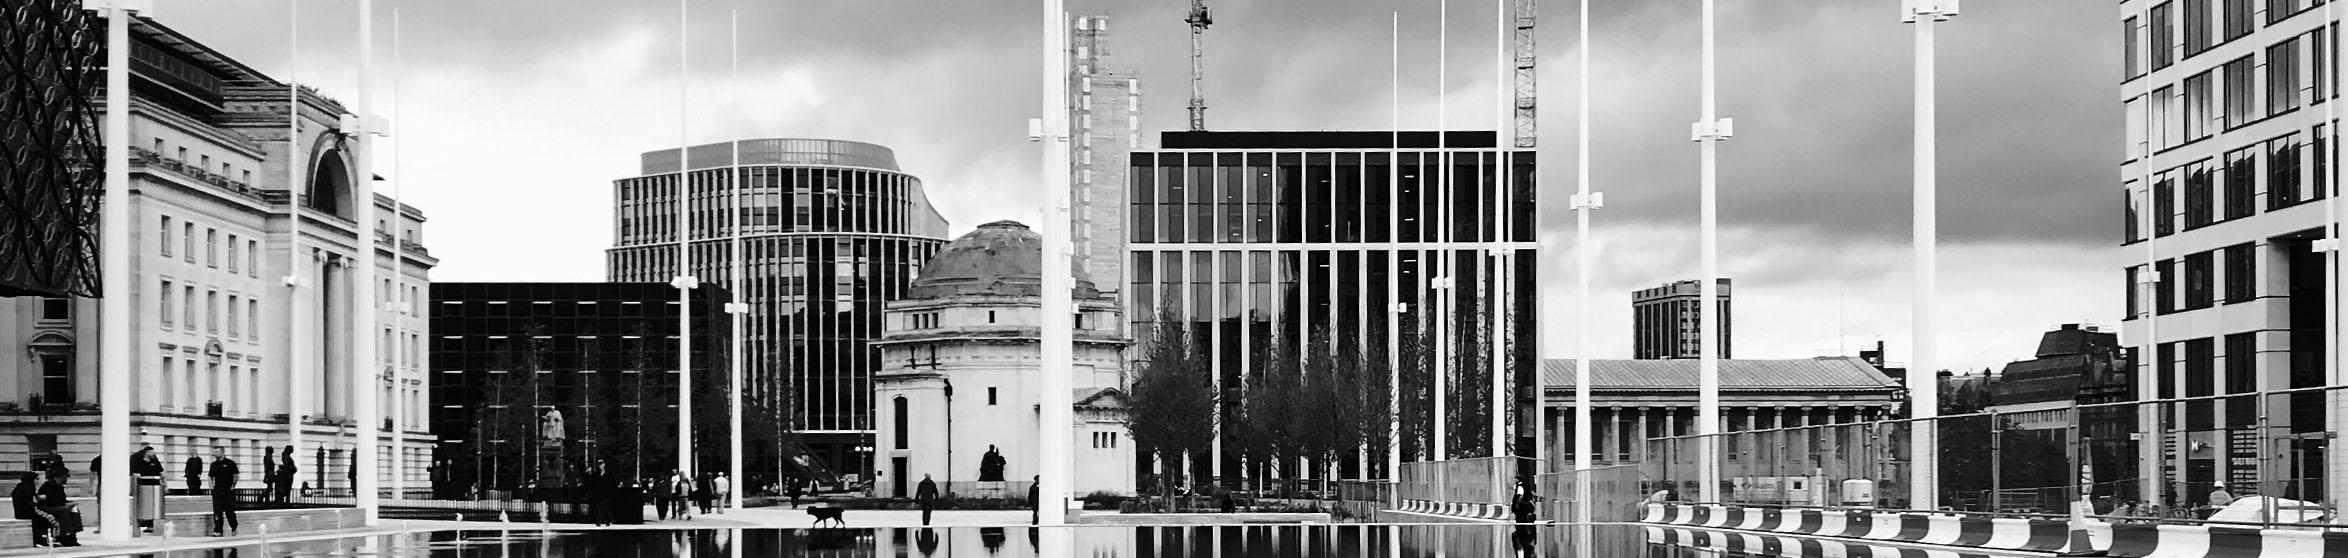 Birmingham Businesses